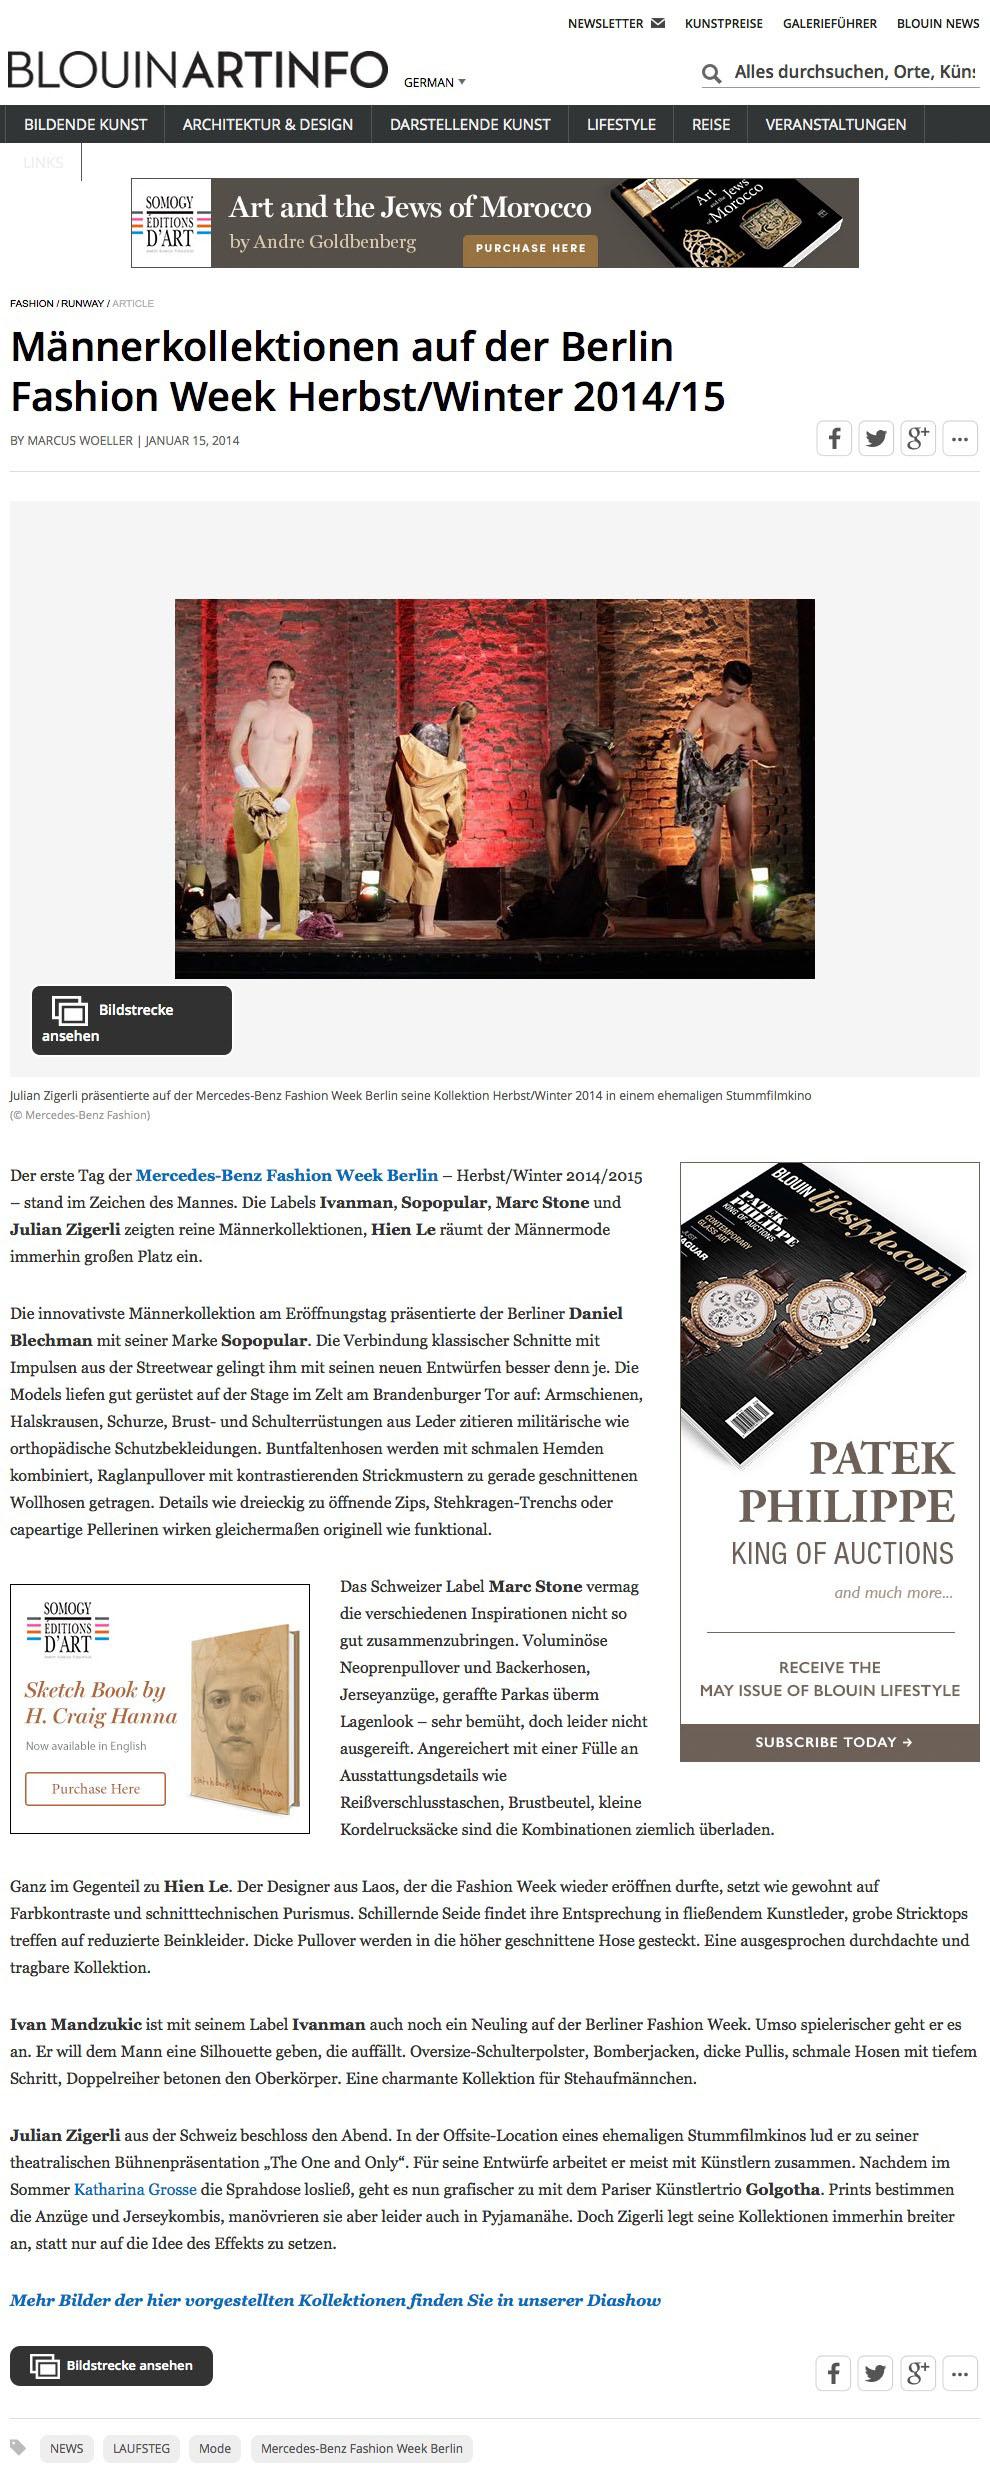 http---de.blouinartinfo.com-news-story-1001398-maennerkollektionen-auf-der-berlin-fashion-week-herbstwinter (20150519)